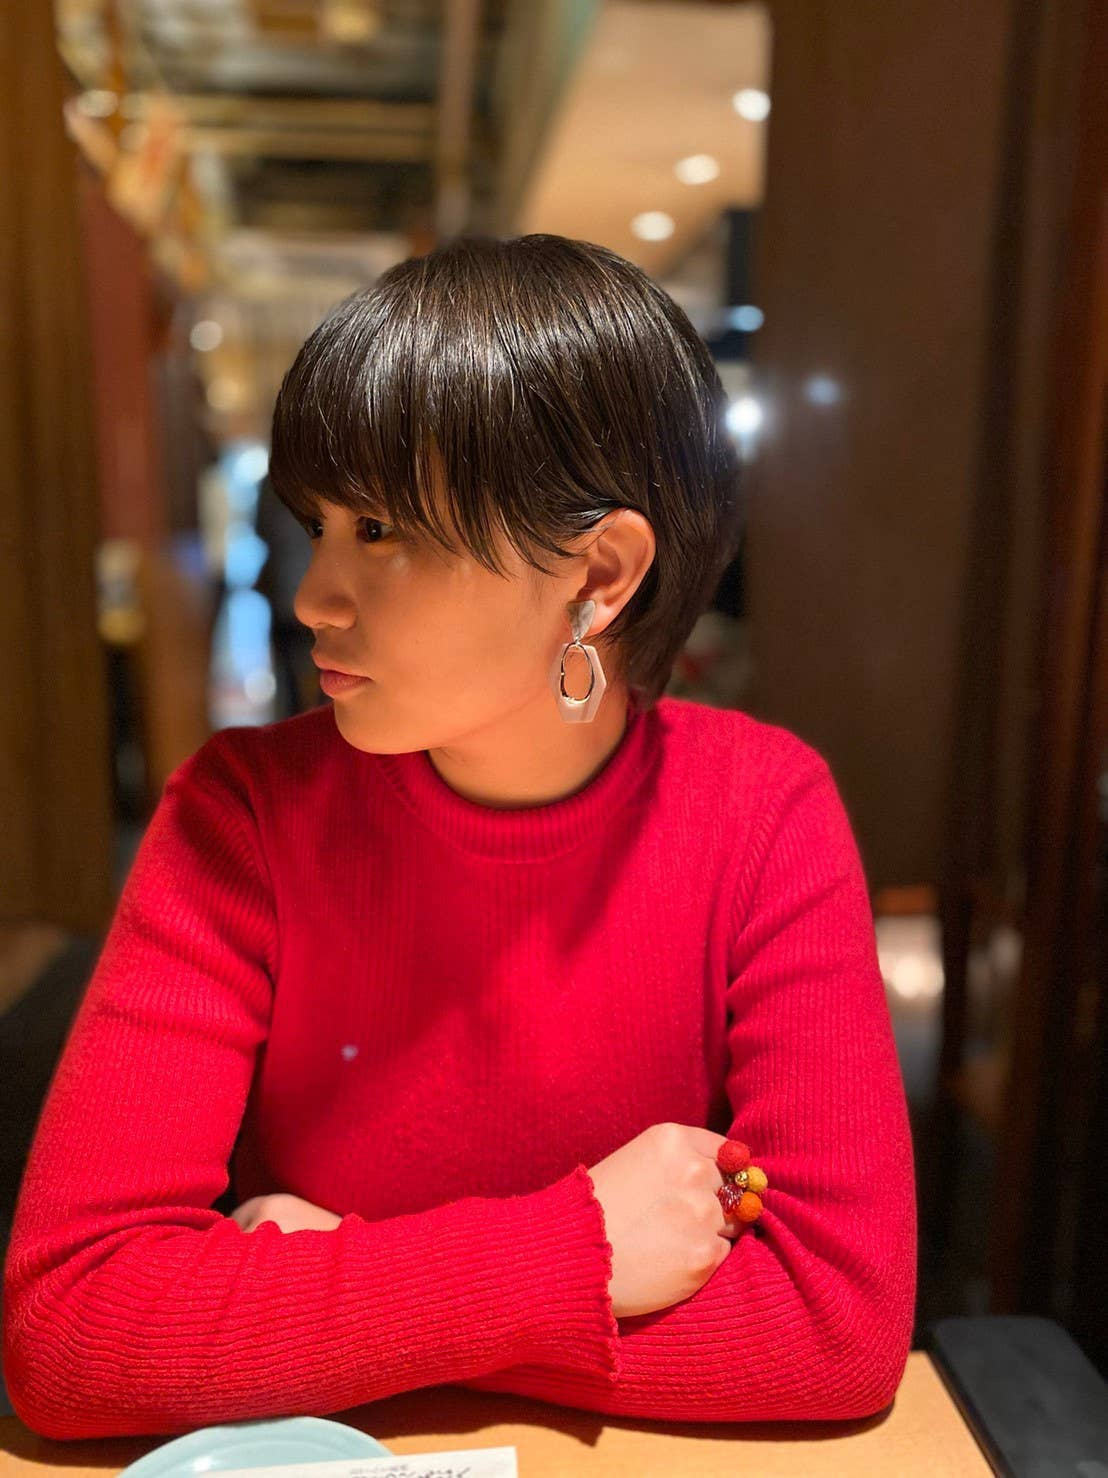 Yoshita Yuriko